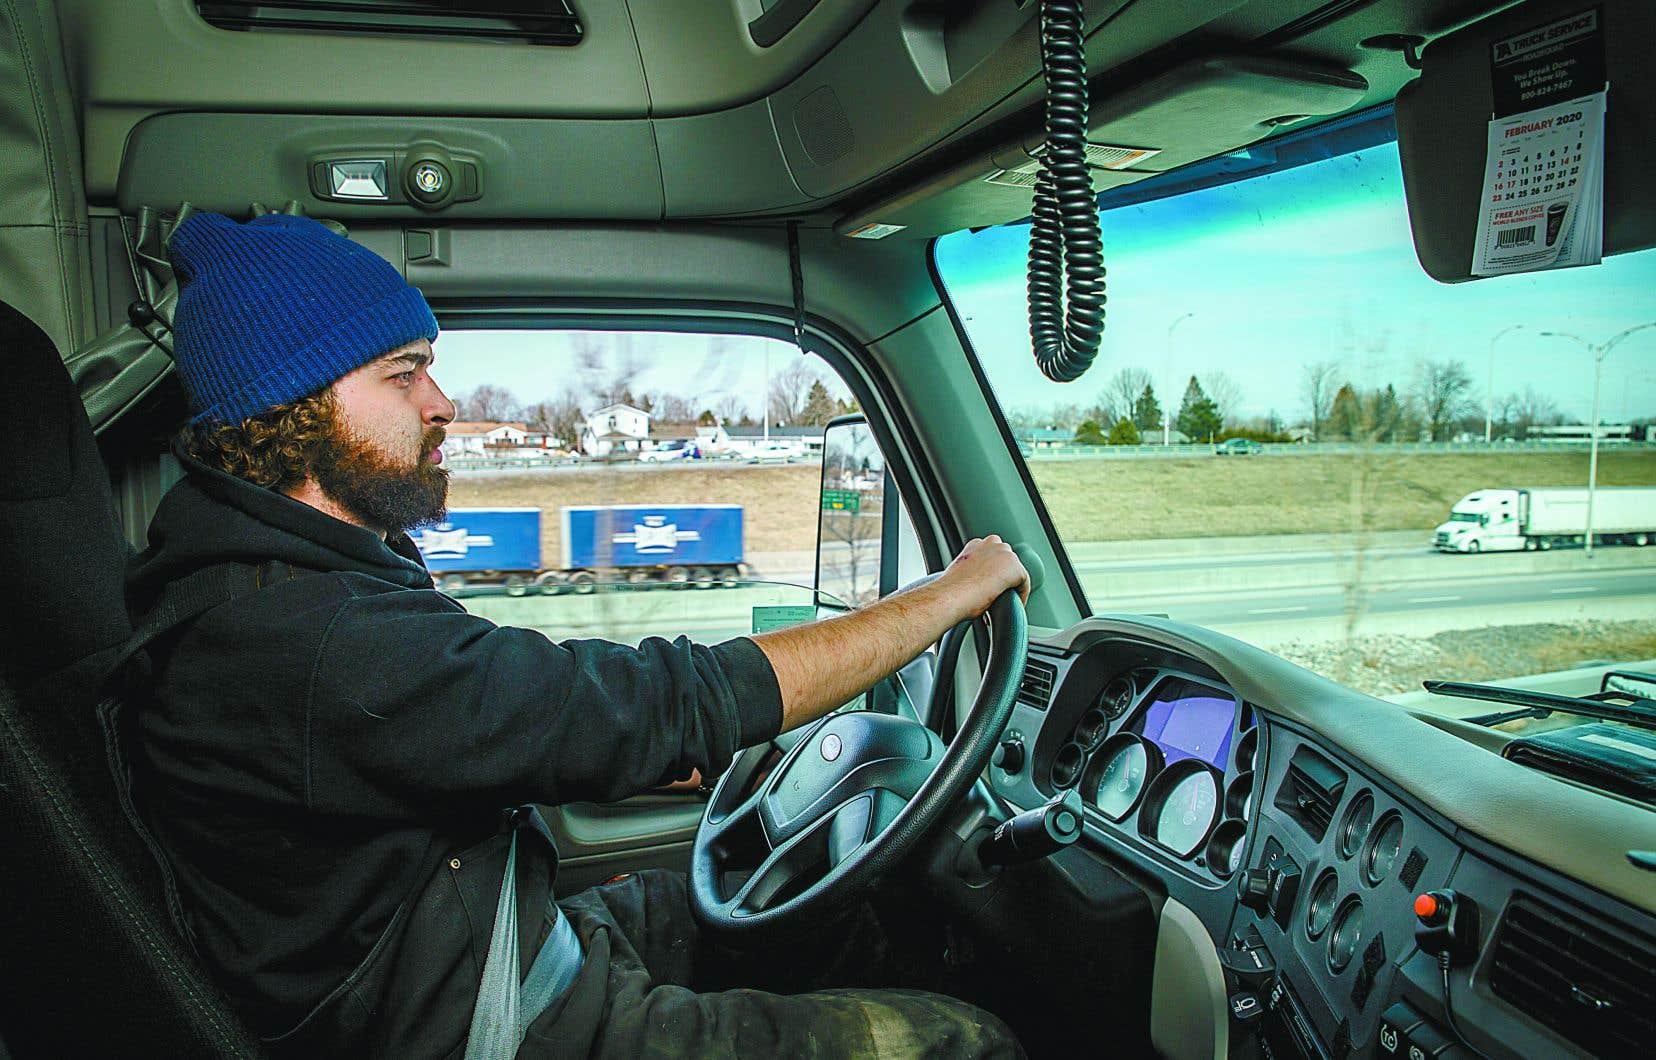 Simon Thibault, 23 ans, chauffeur chez Mexuscan Cargo, à Sainte-Martine, en Montérégie. Il a traversé la frontière avec les États- Unis à de nombreuses reprises sans problème au cours des dernières semaines. Lors des chargements et des déchargements des marchandiseses, il utilise désormais systématiquement masque et gants.